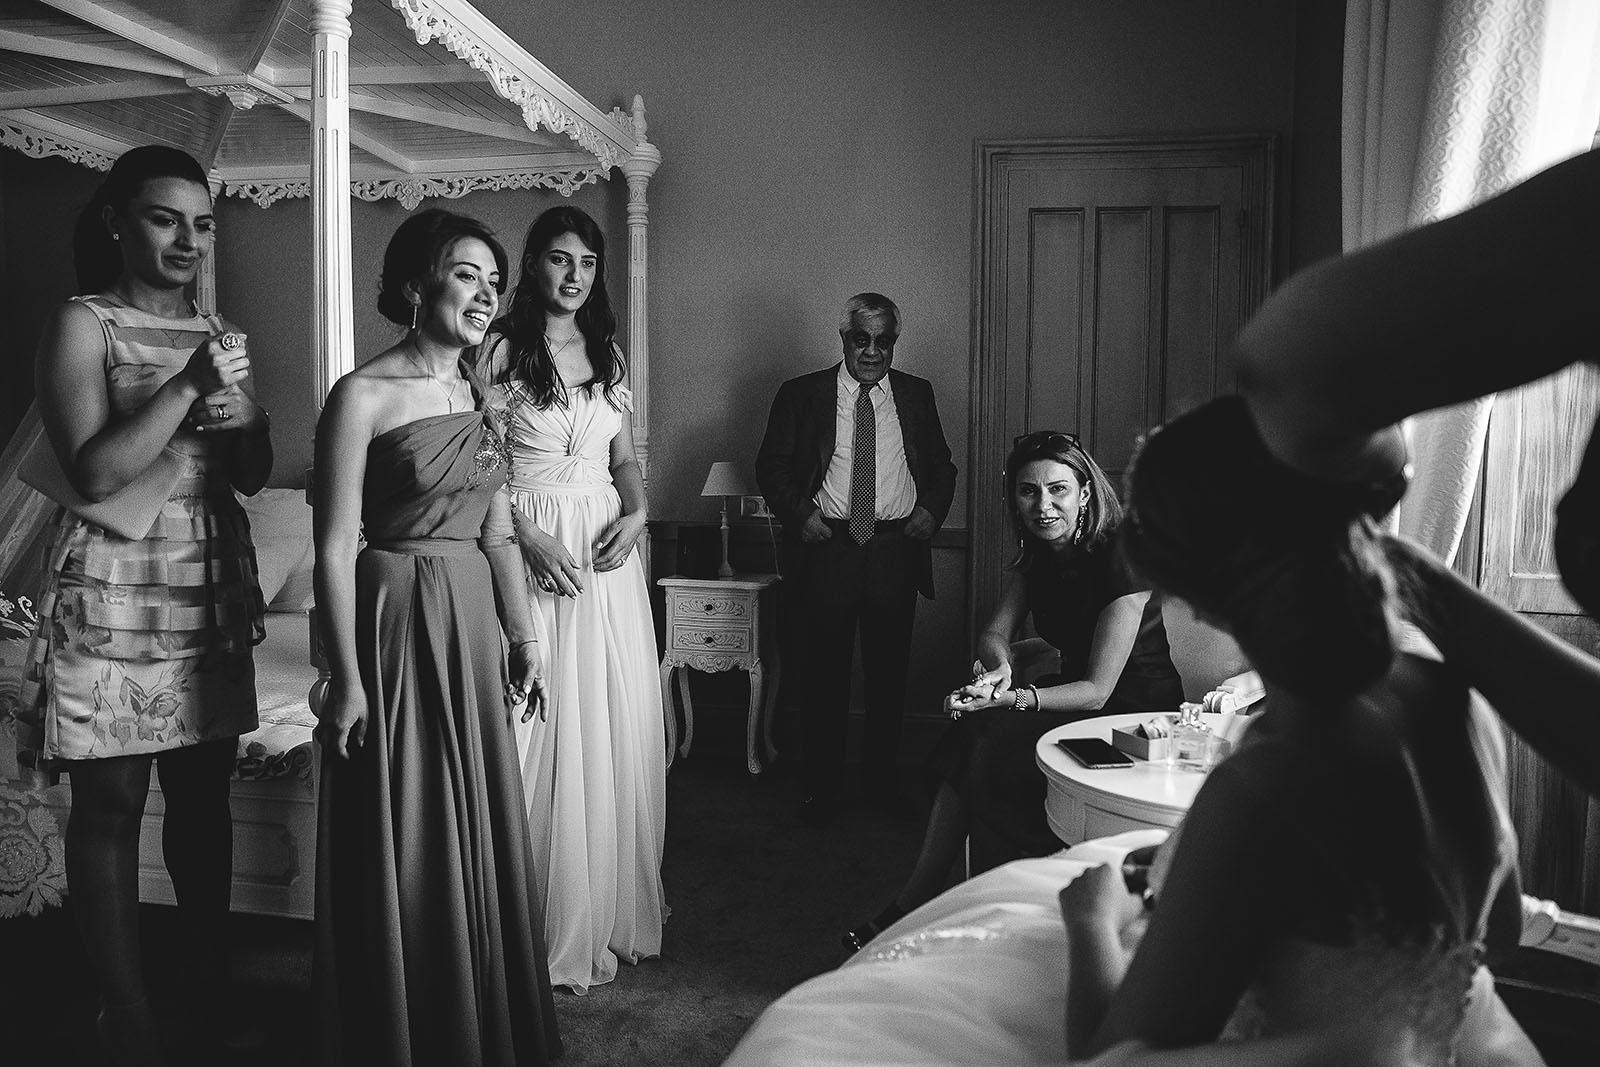 Mariage au Château de Beguin David Pommier photographe de mariage. Préparatifs de la mariée sous le regard des femmes et du papa